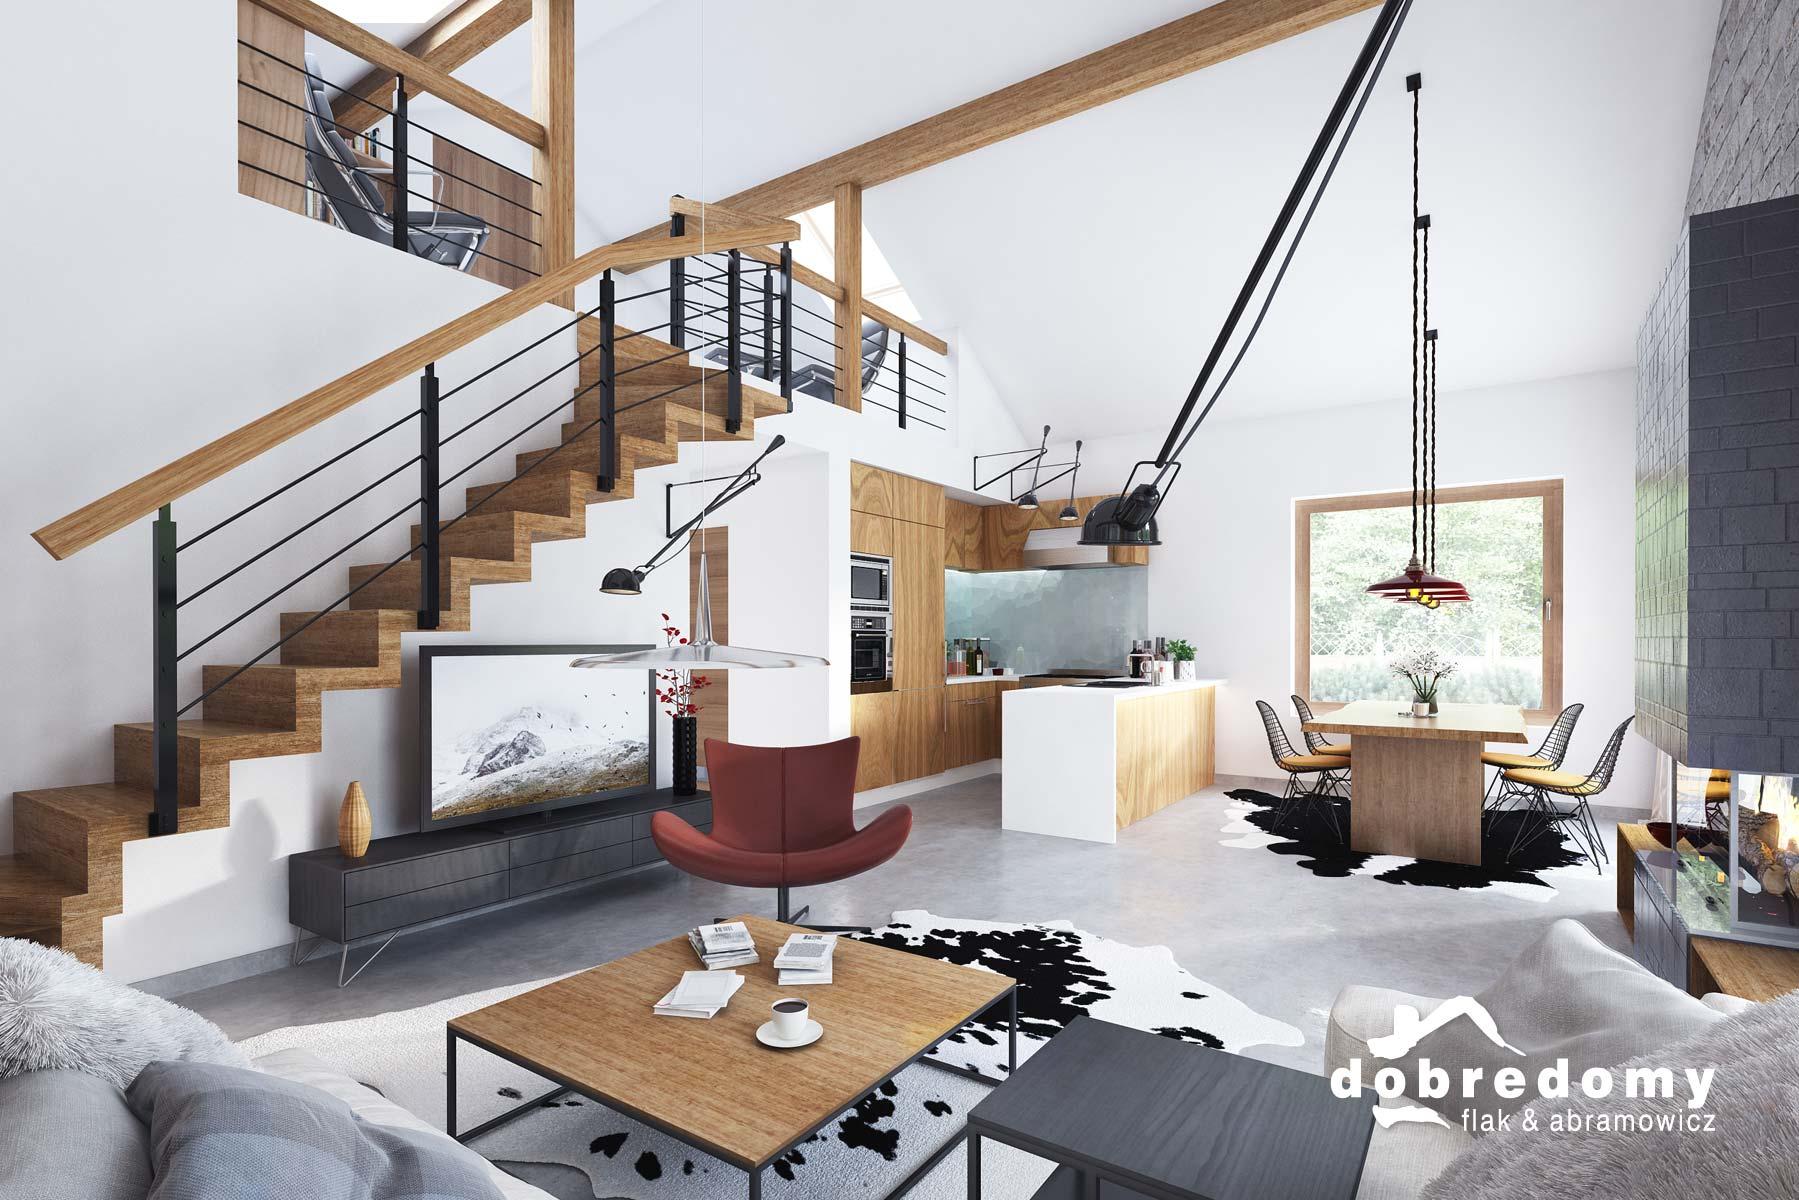 Funkcjonalna strefa dzienna w domu – urządź dom po swojemu!